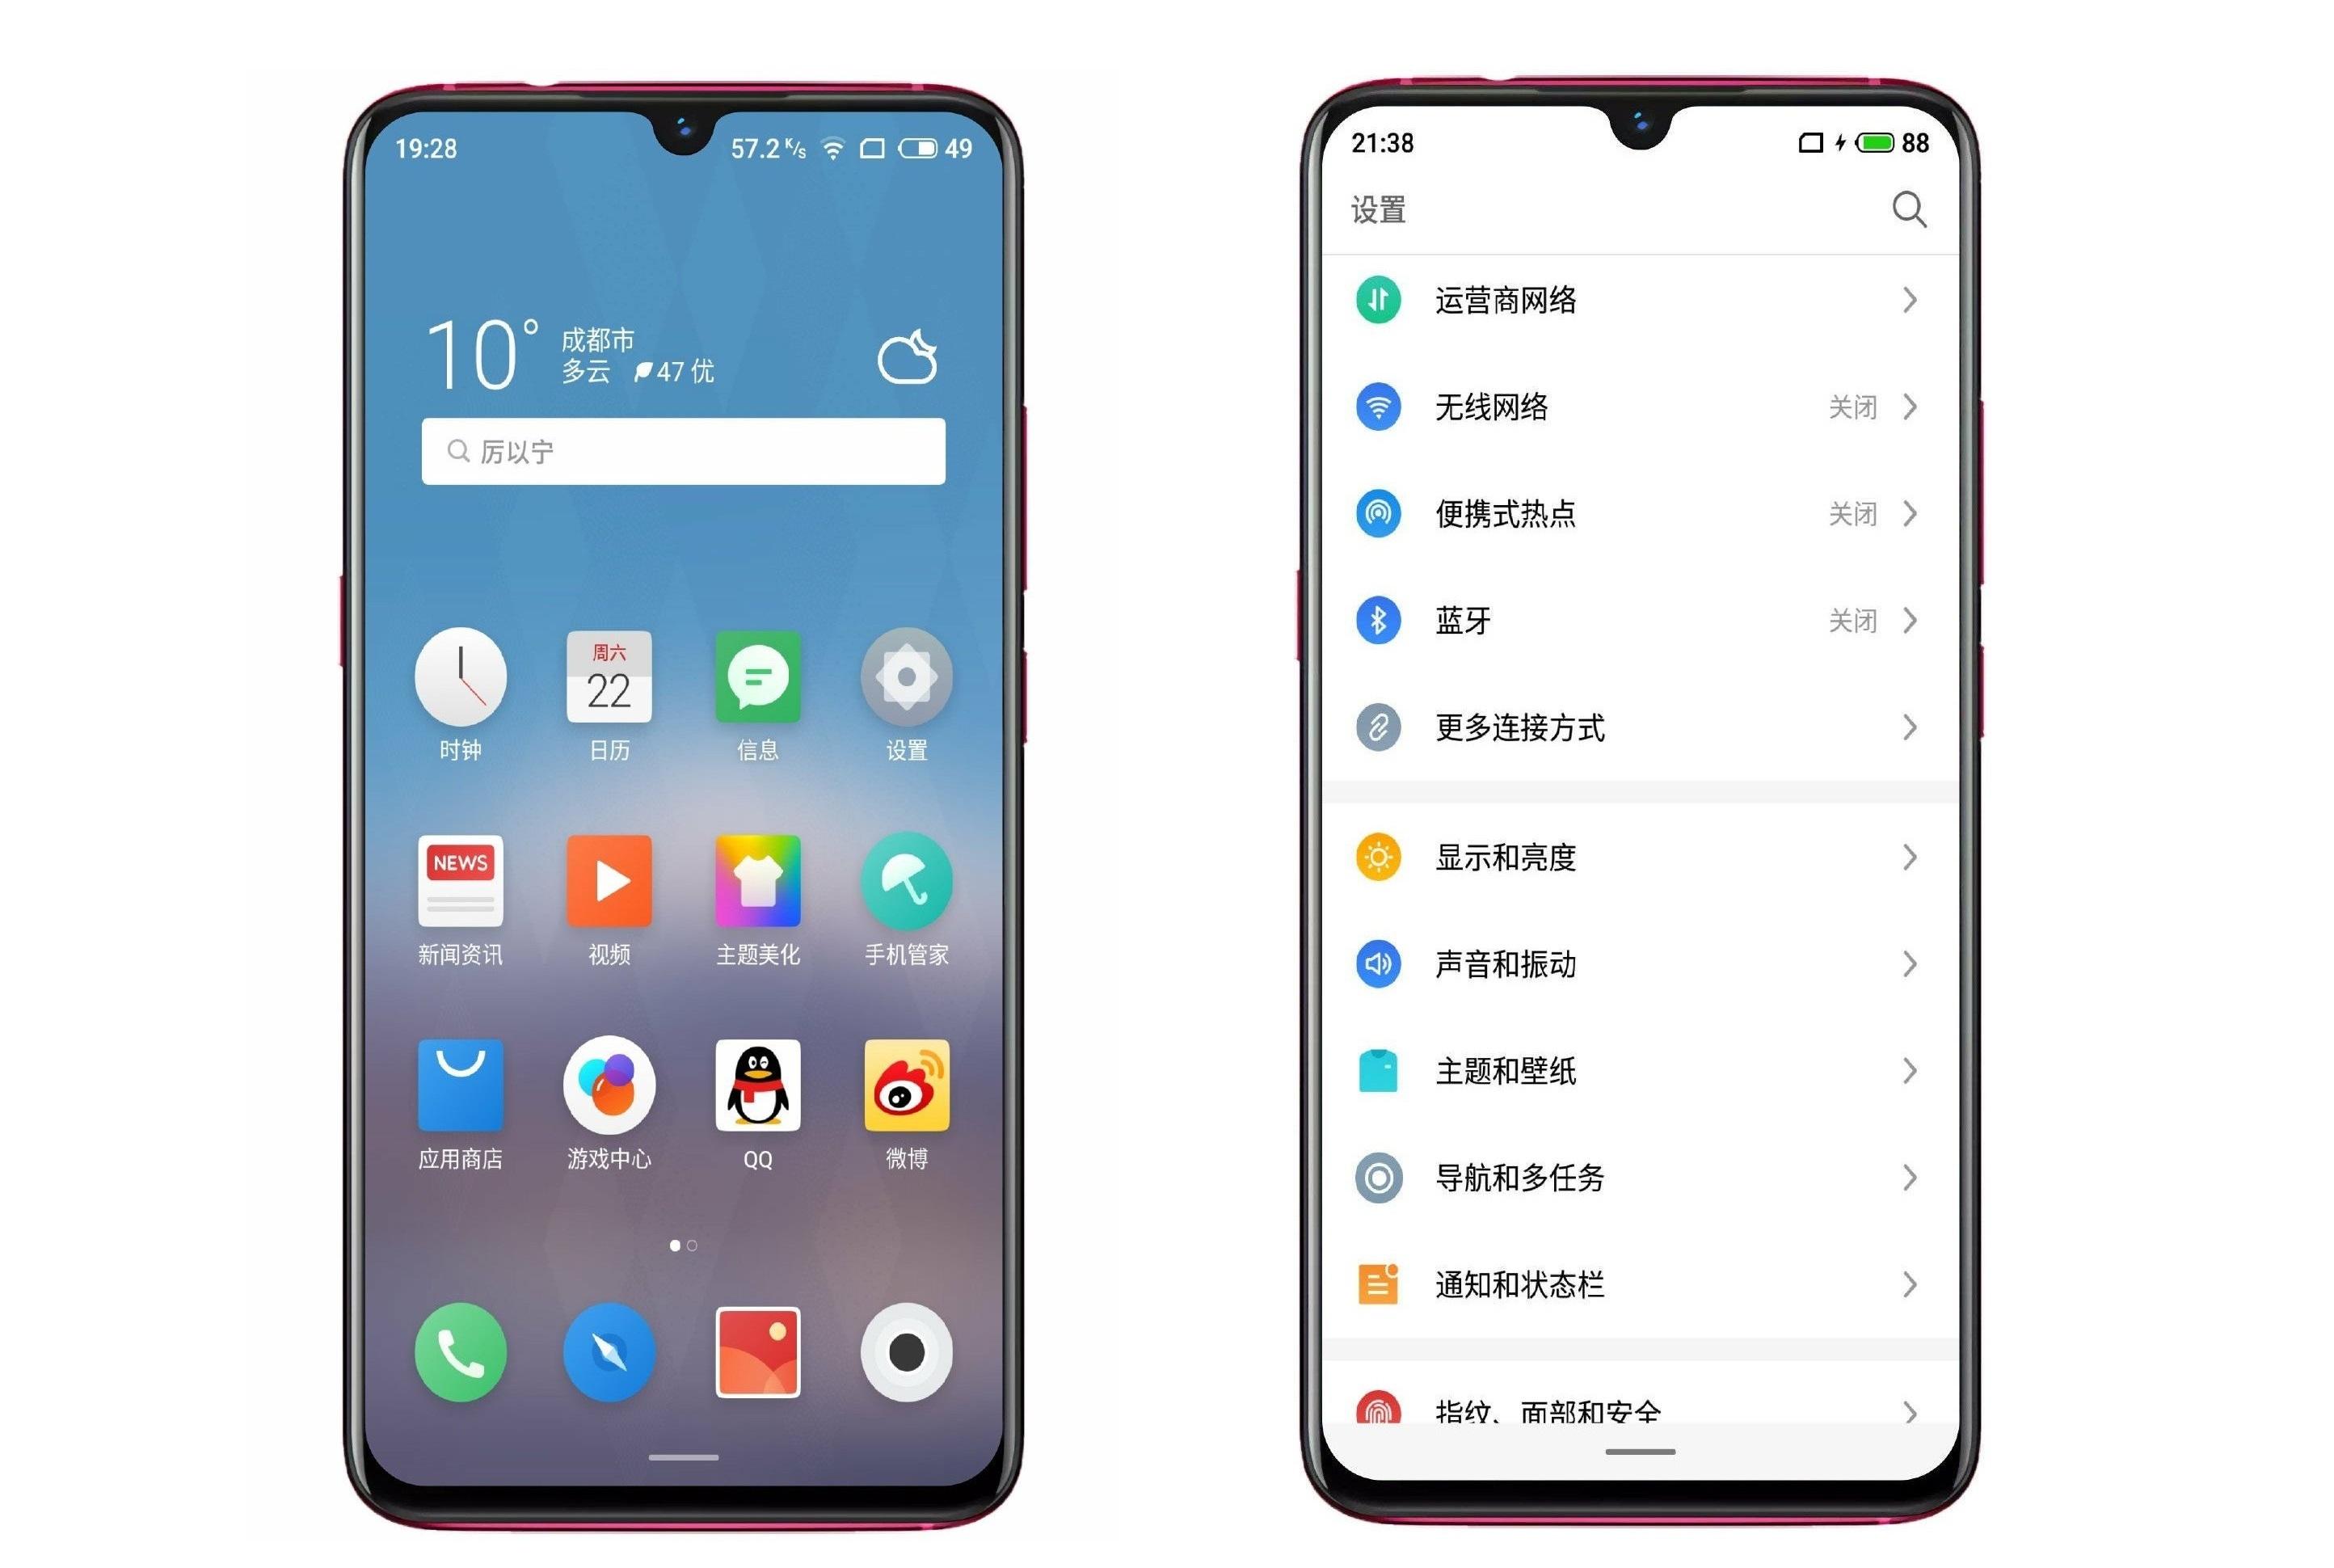 מפרטו ותמונותיו של ה-Meizu Note 9 נחשפים